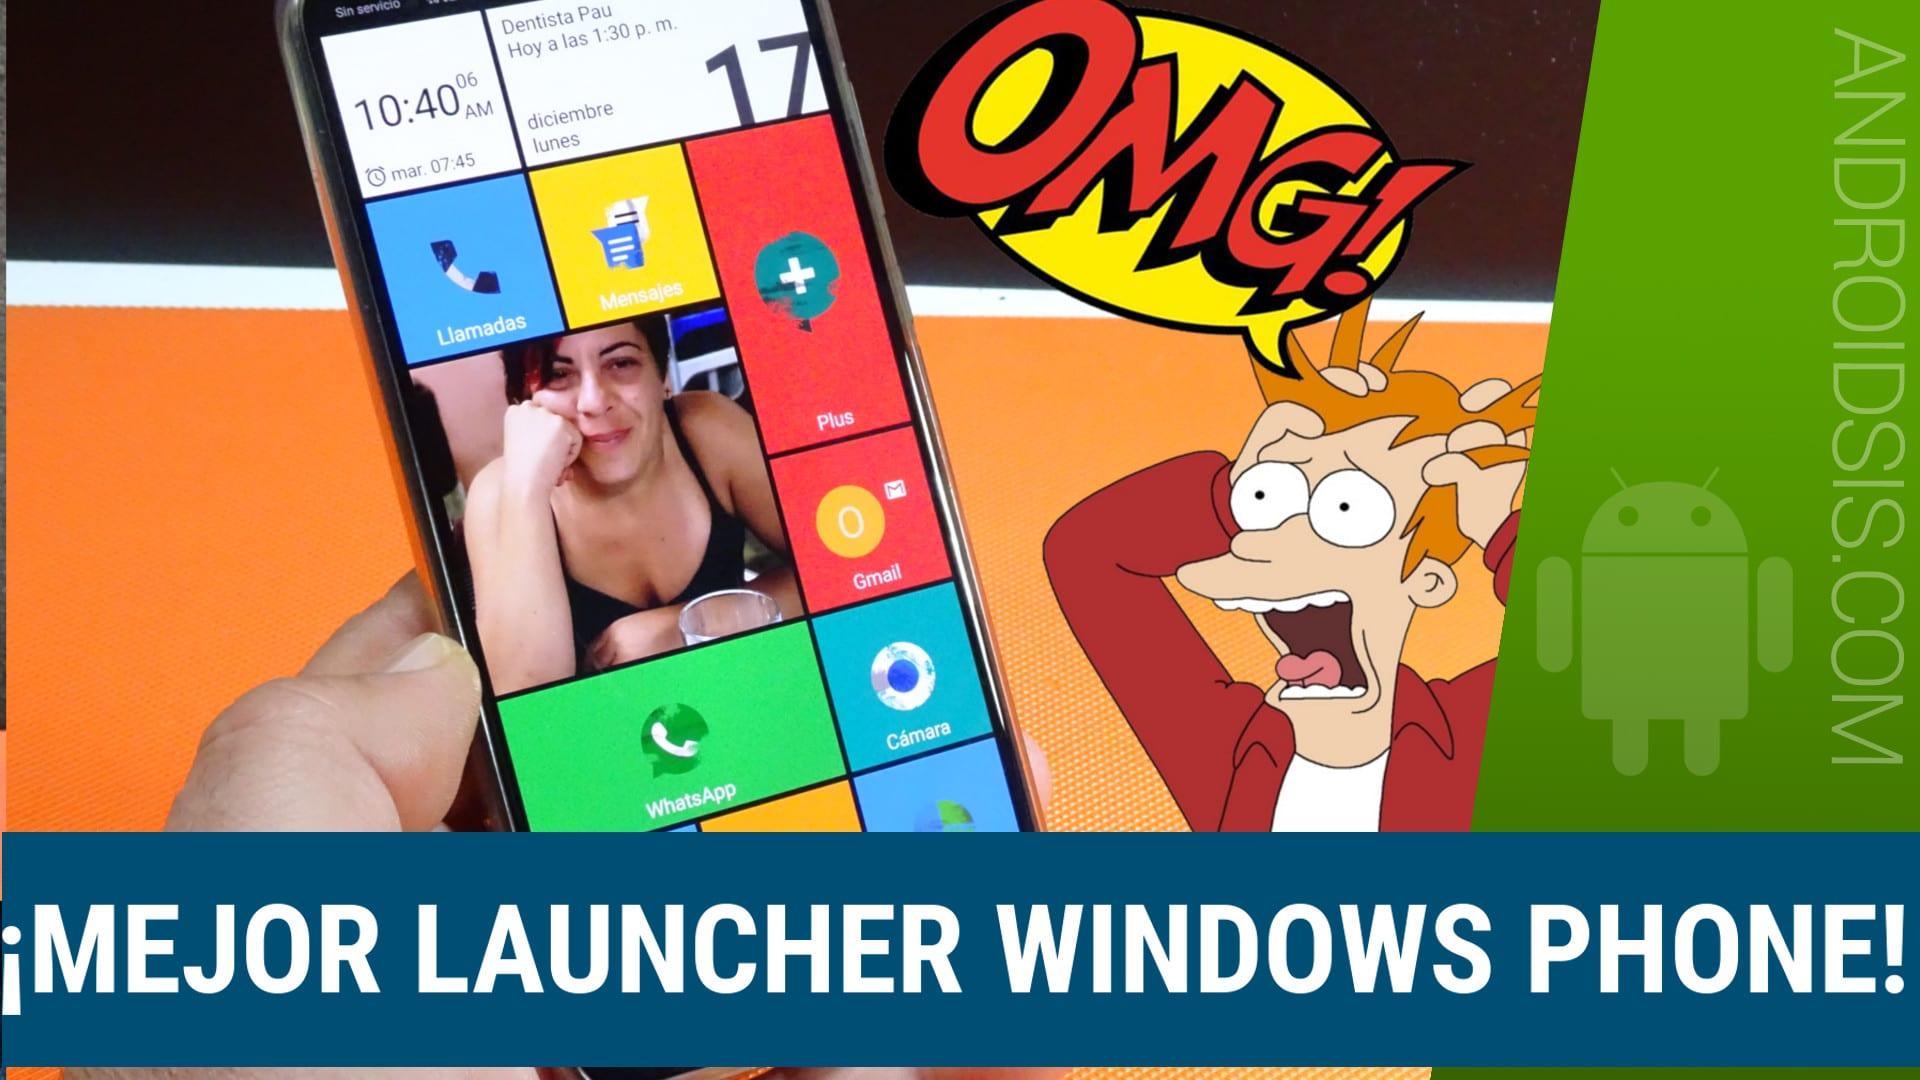 ¡¡El mejor Launcher Windows Phone!!